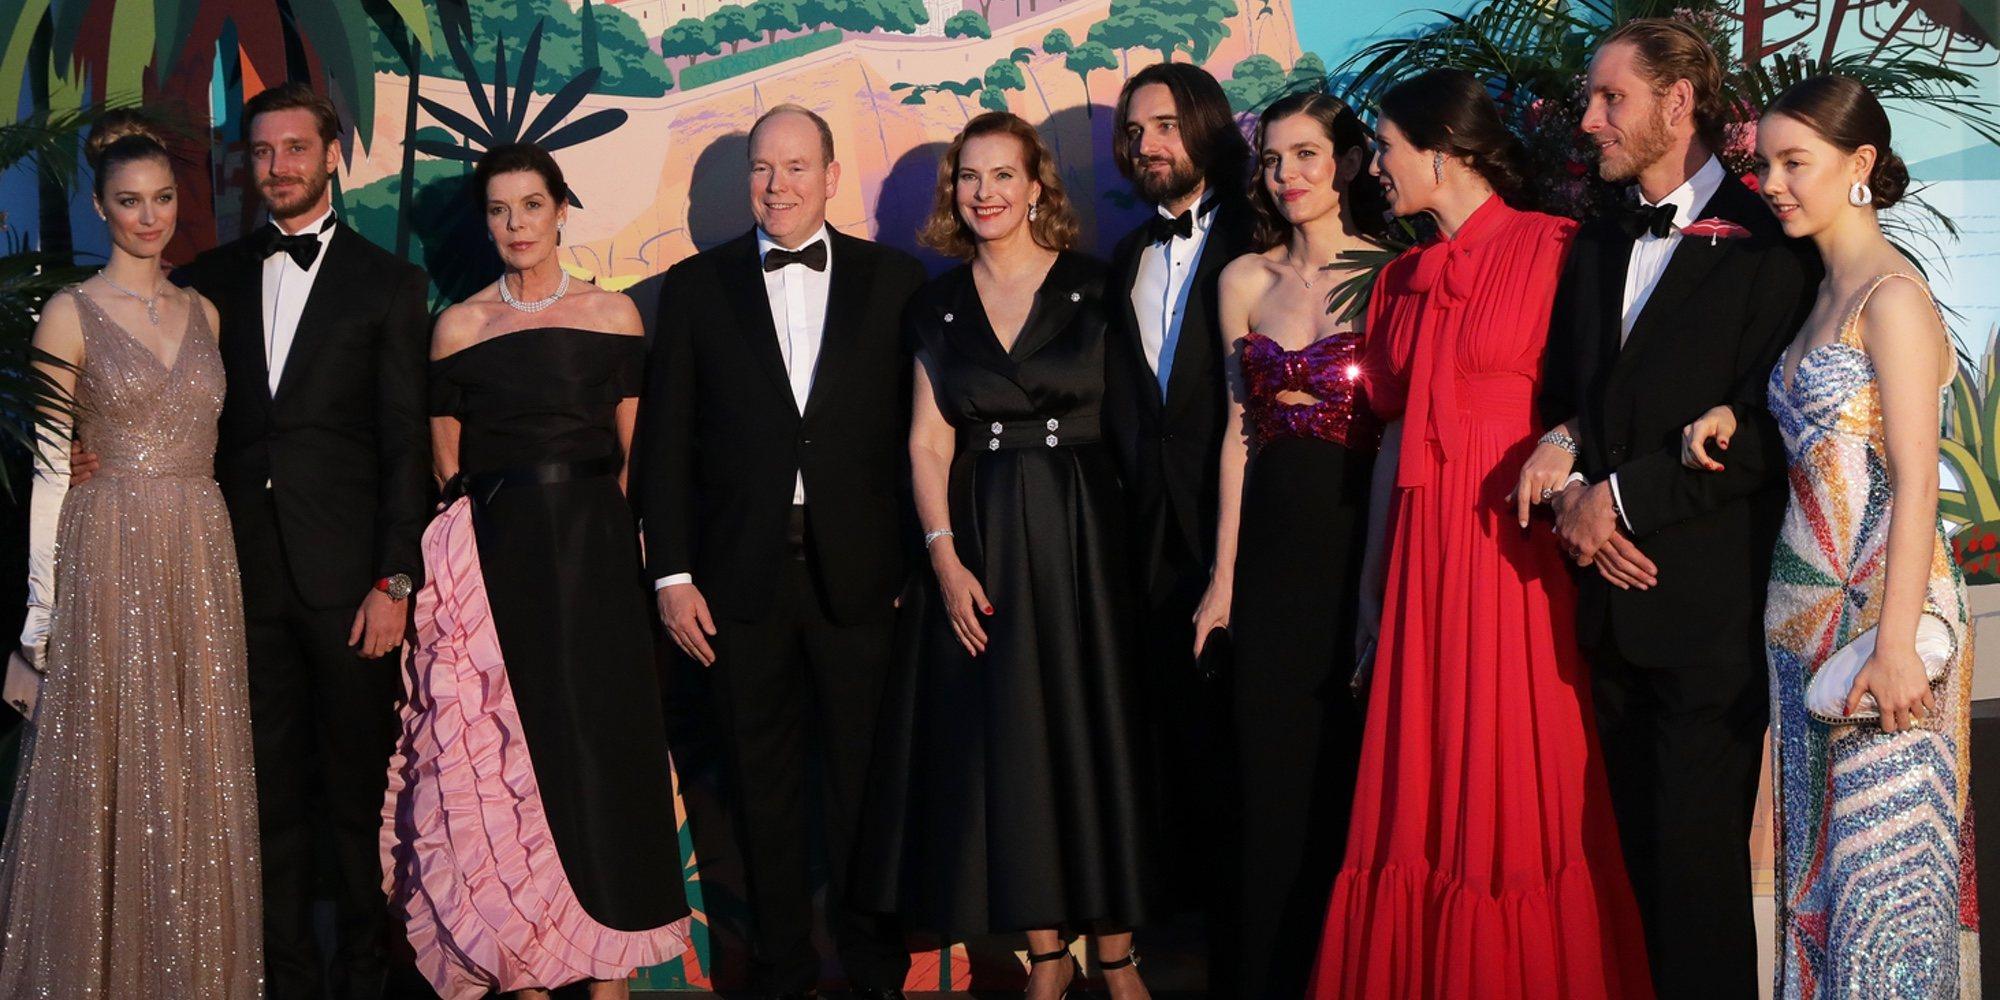 De la aparición de Carole Bouquet al amor de Carlota Casiraghi y Dimitri Rassam en el Baile de la Rosa 2019